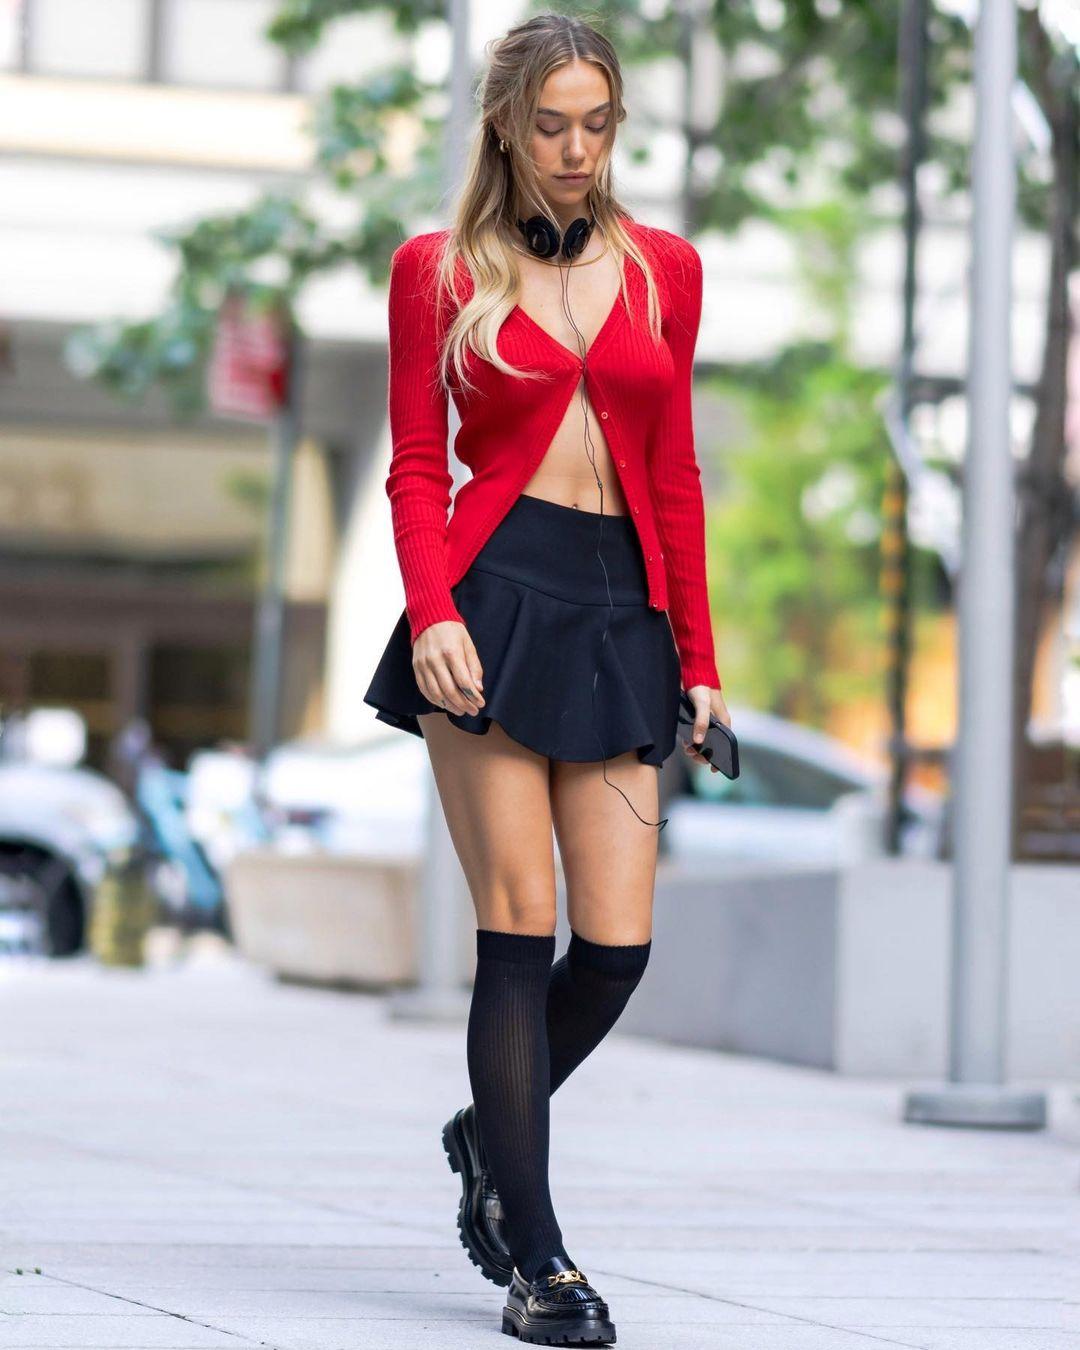 Alexis Ren in Red